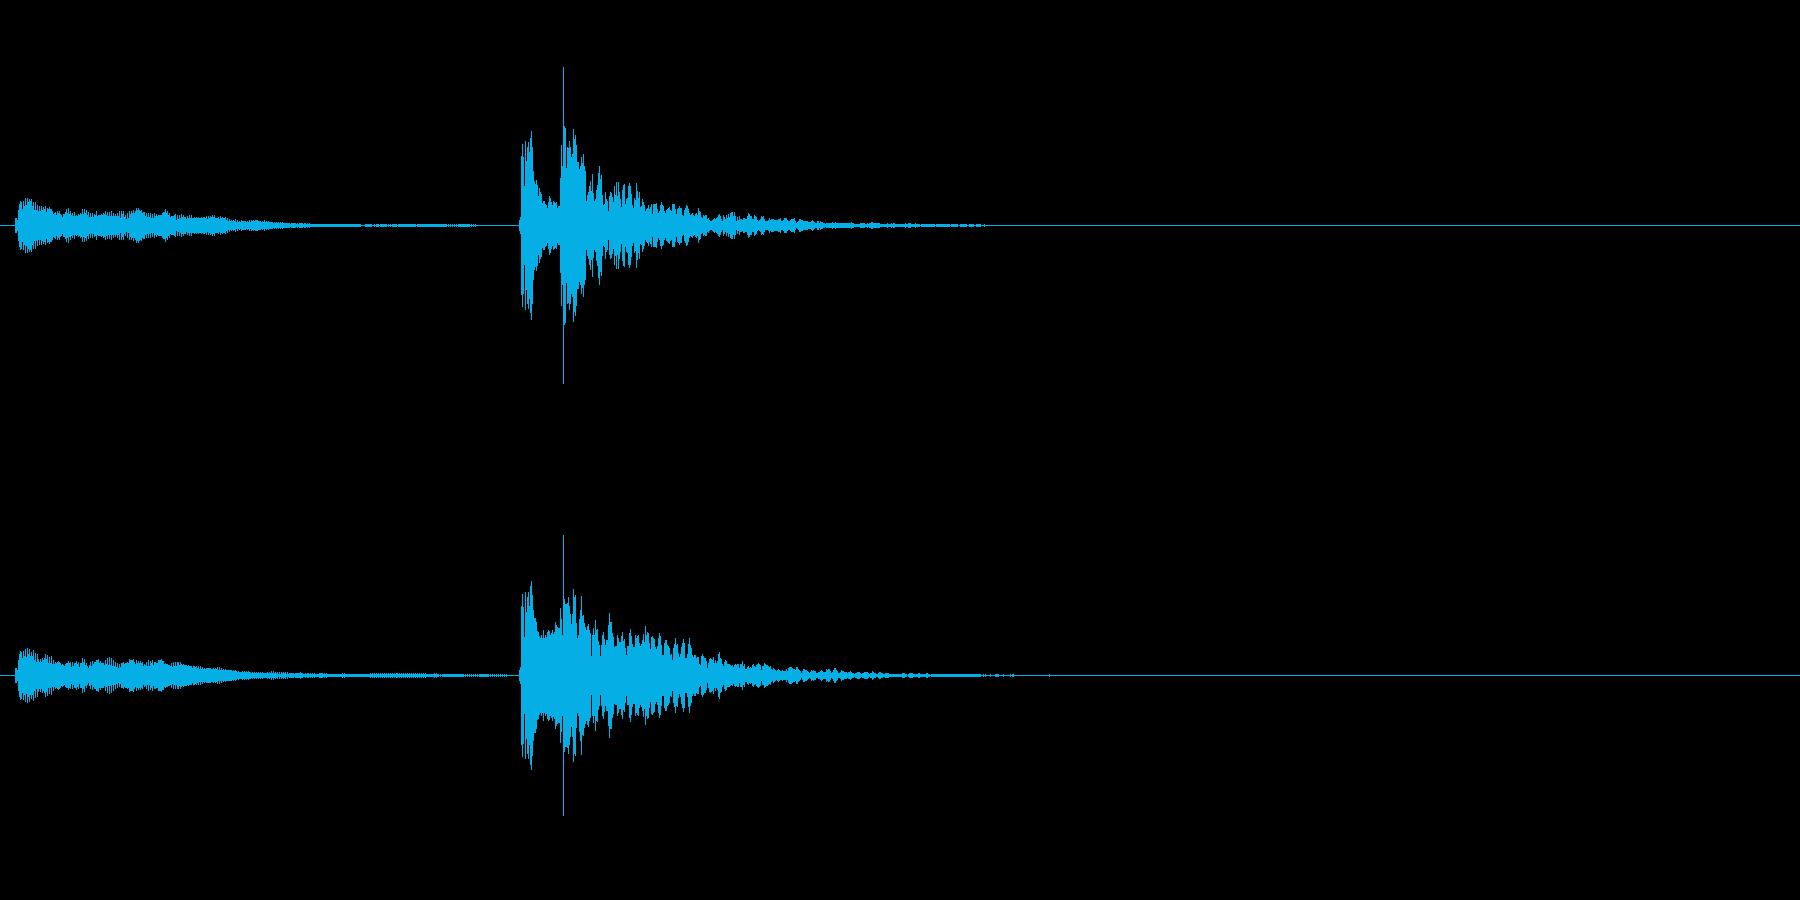 生演奏 琵琶 和風 古典風 残響有#4の再生済みの波形